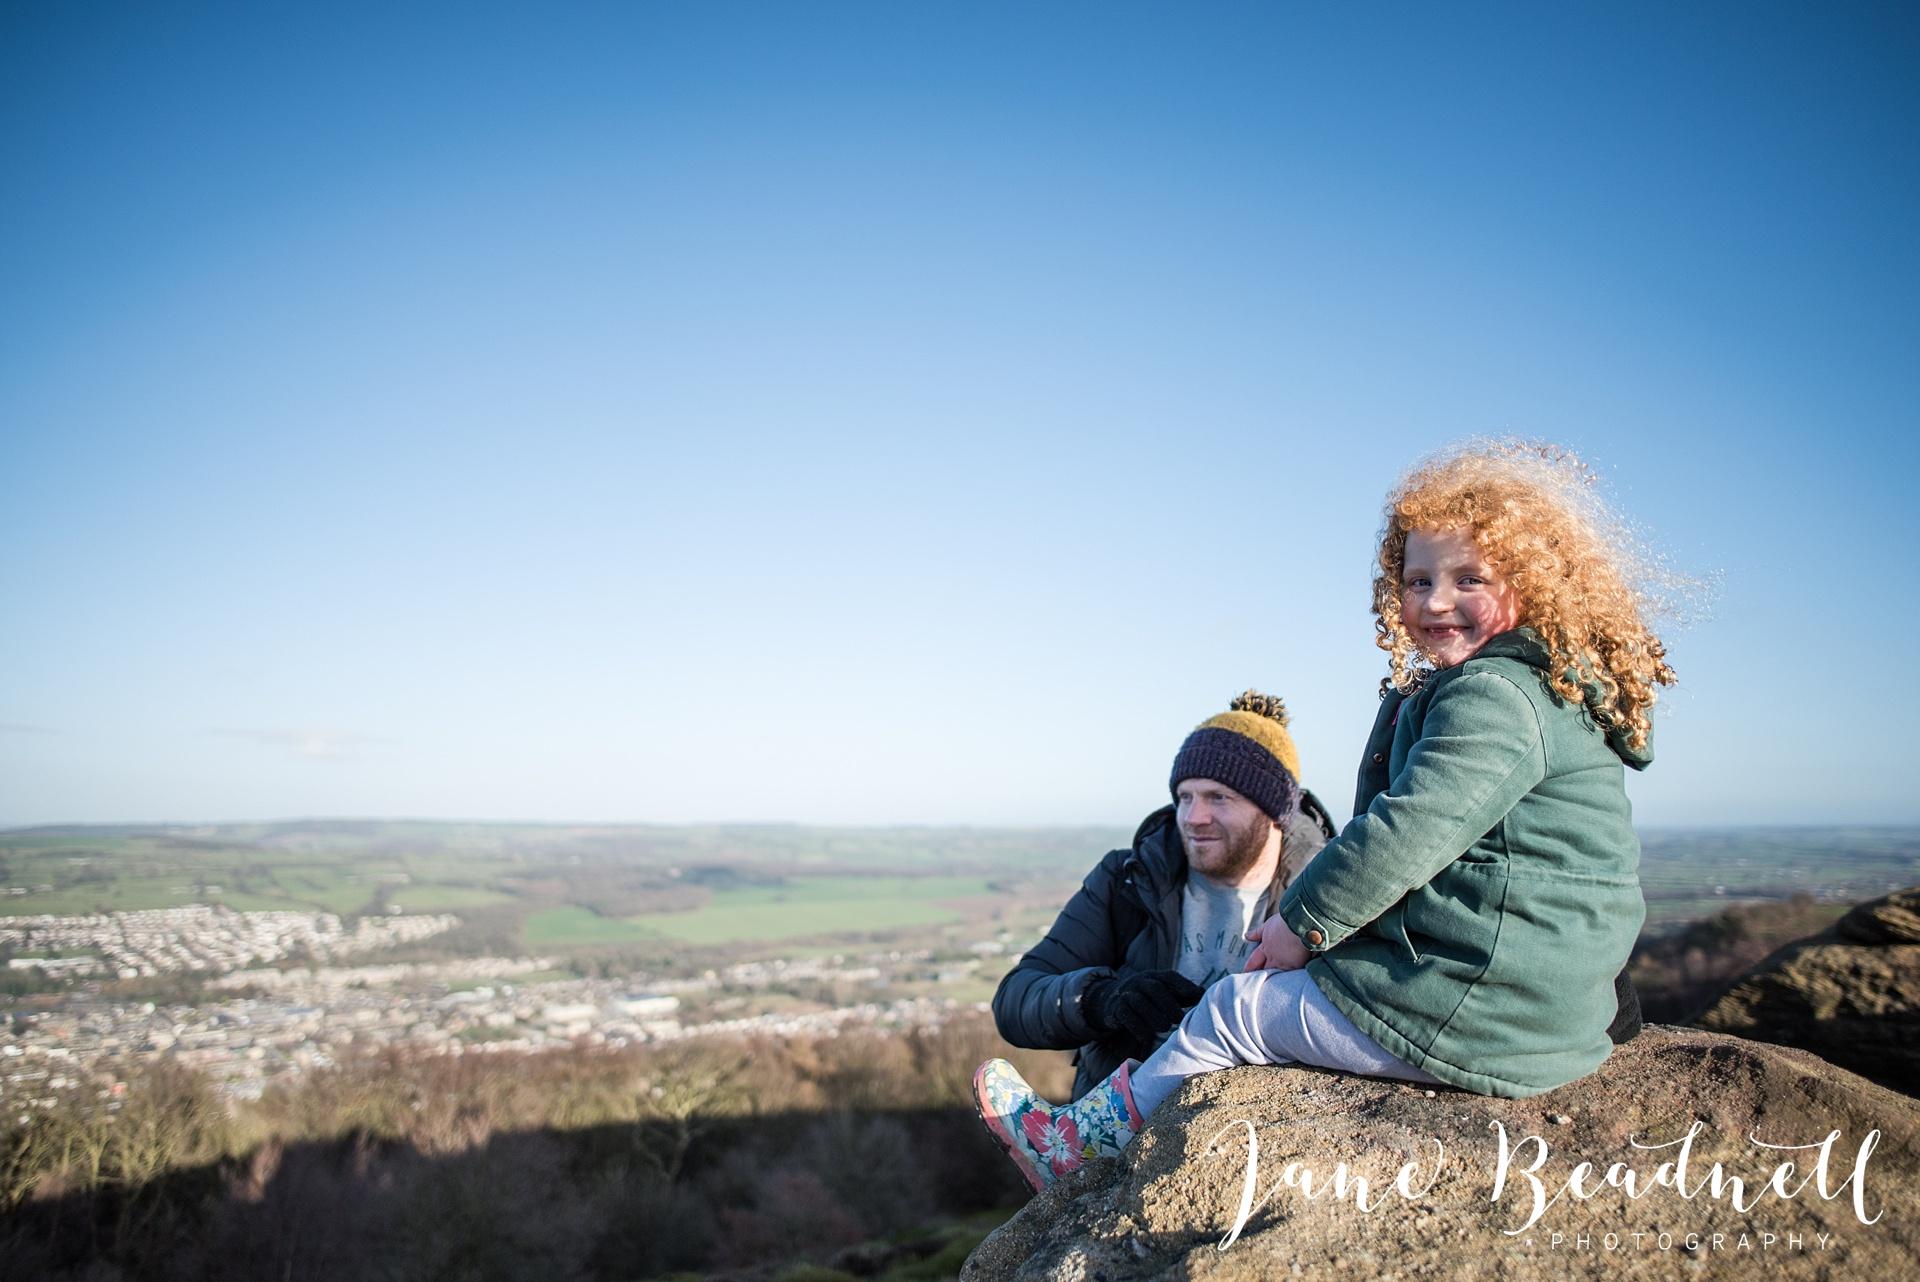 portrait photographer Otley, family photos Otley, Leeds family portrait photographer, Yorkshire portrait photographer, Yorkshire family photographer, Otley